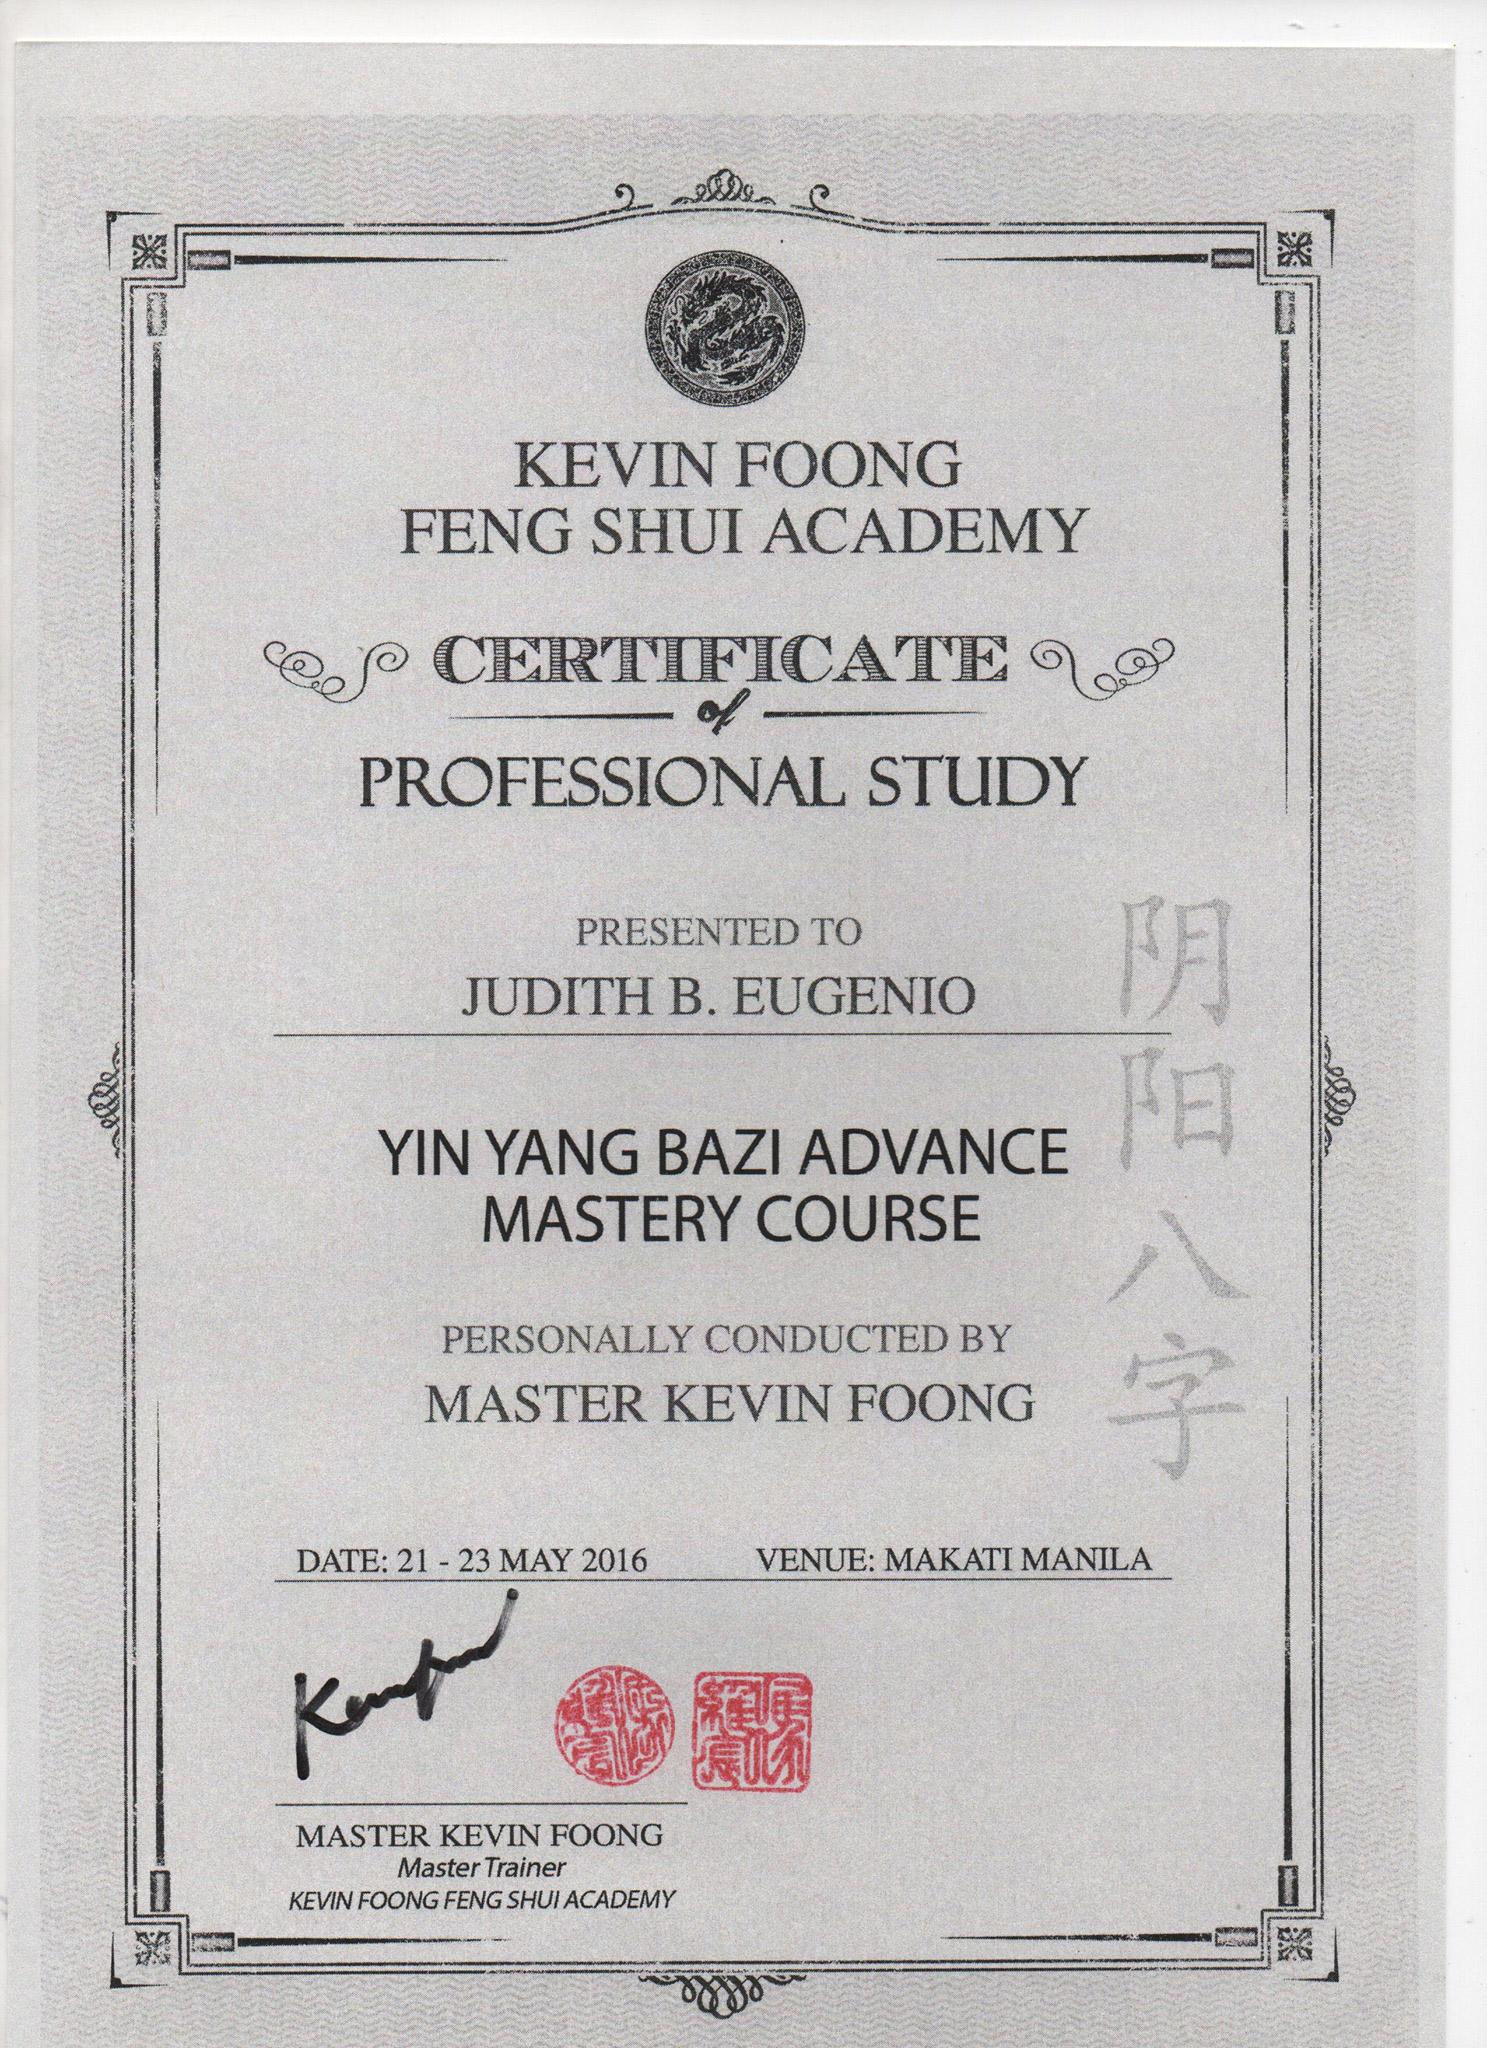 Yin Yang Bazi Advance Mastery Course